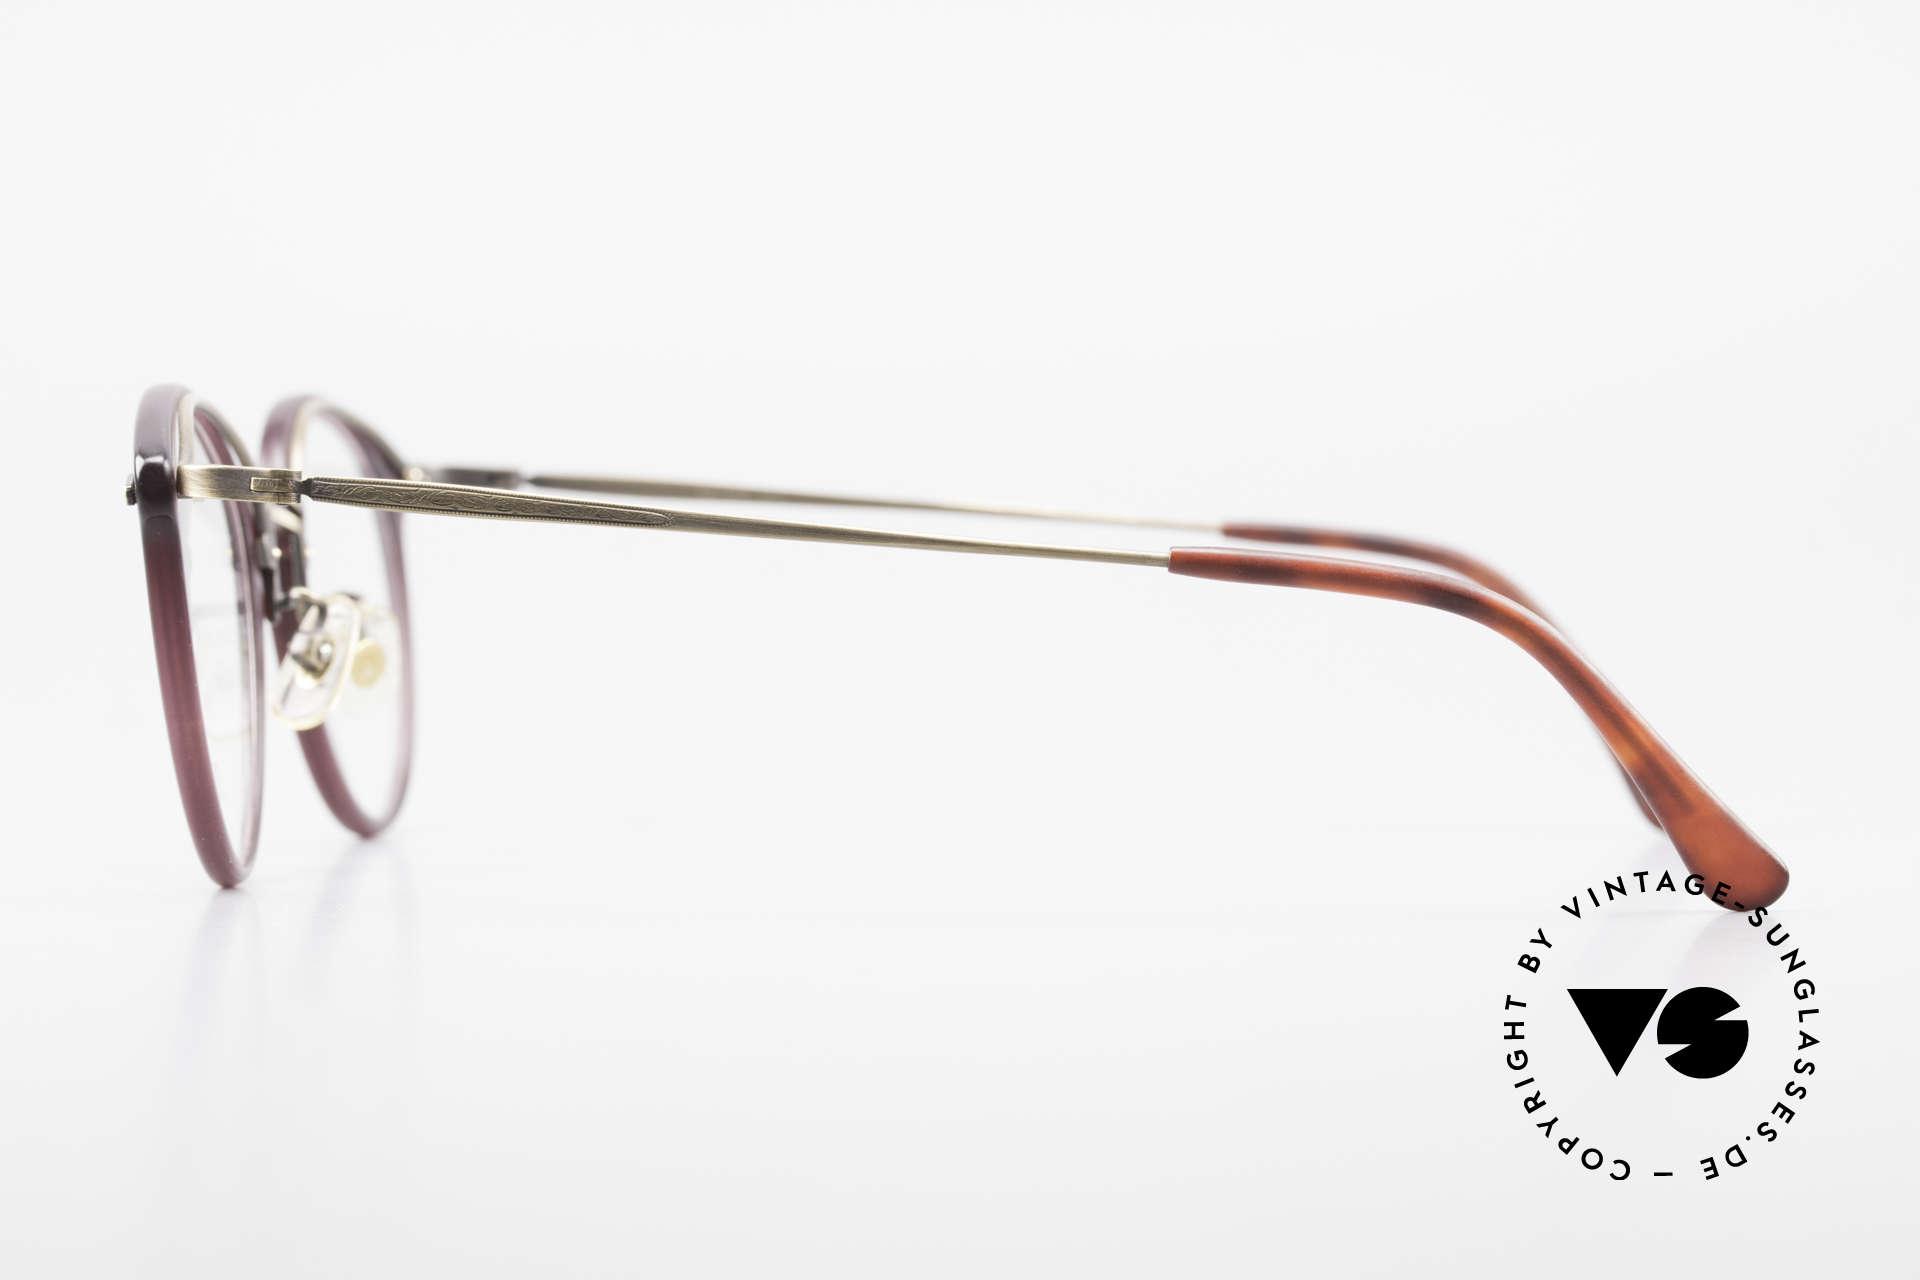 Matsuda 2836 Panto Stil 90er Luxus Brille, komplette vintage Fassung mit sehr viel Liebe zum Detail, Passend für Herren und Damen